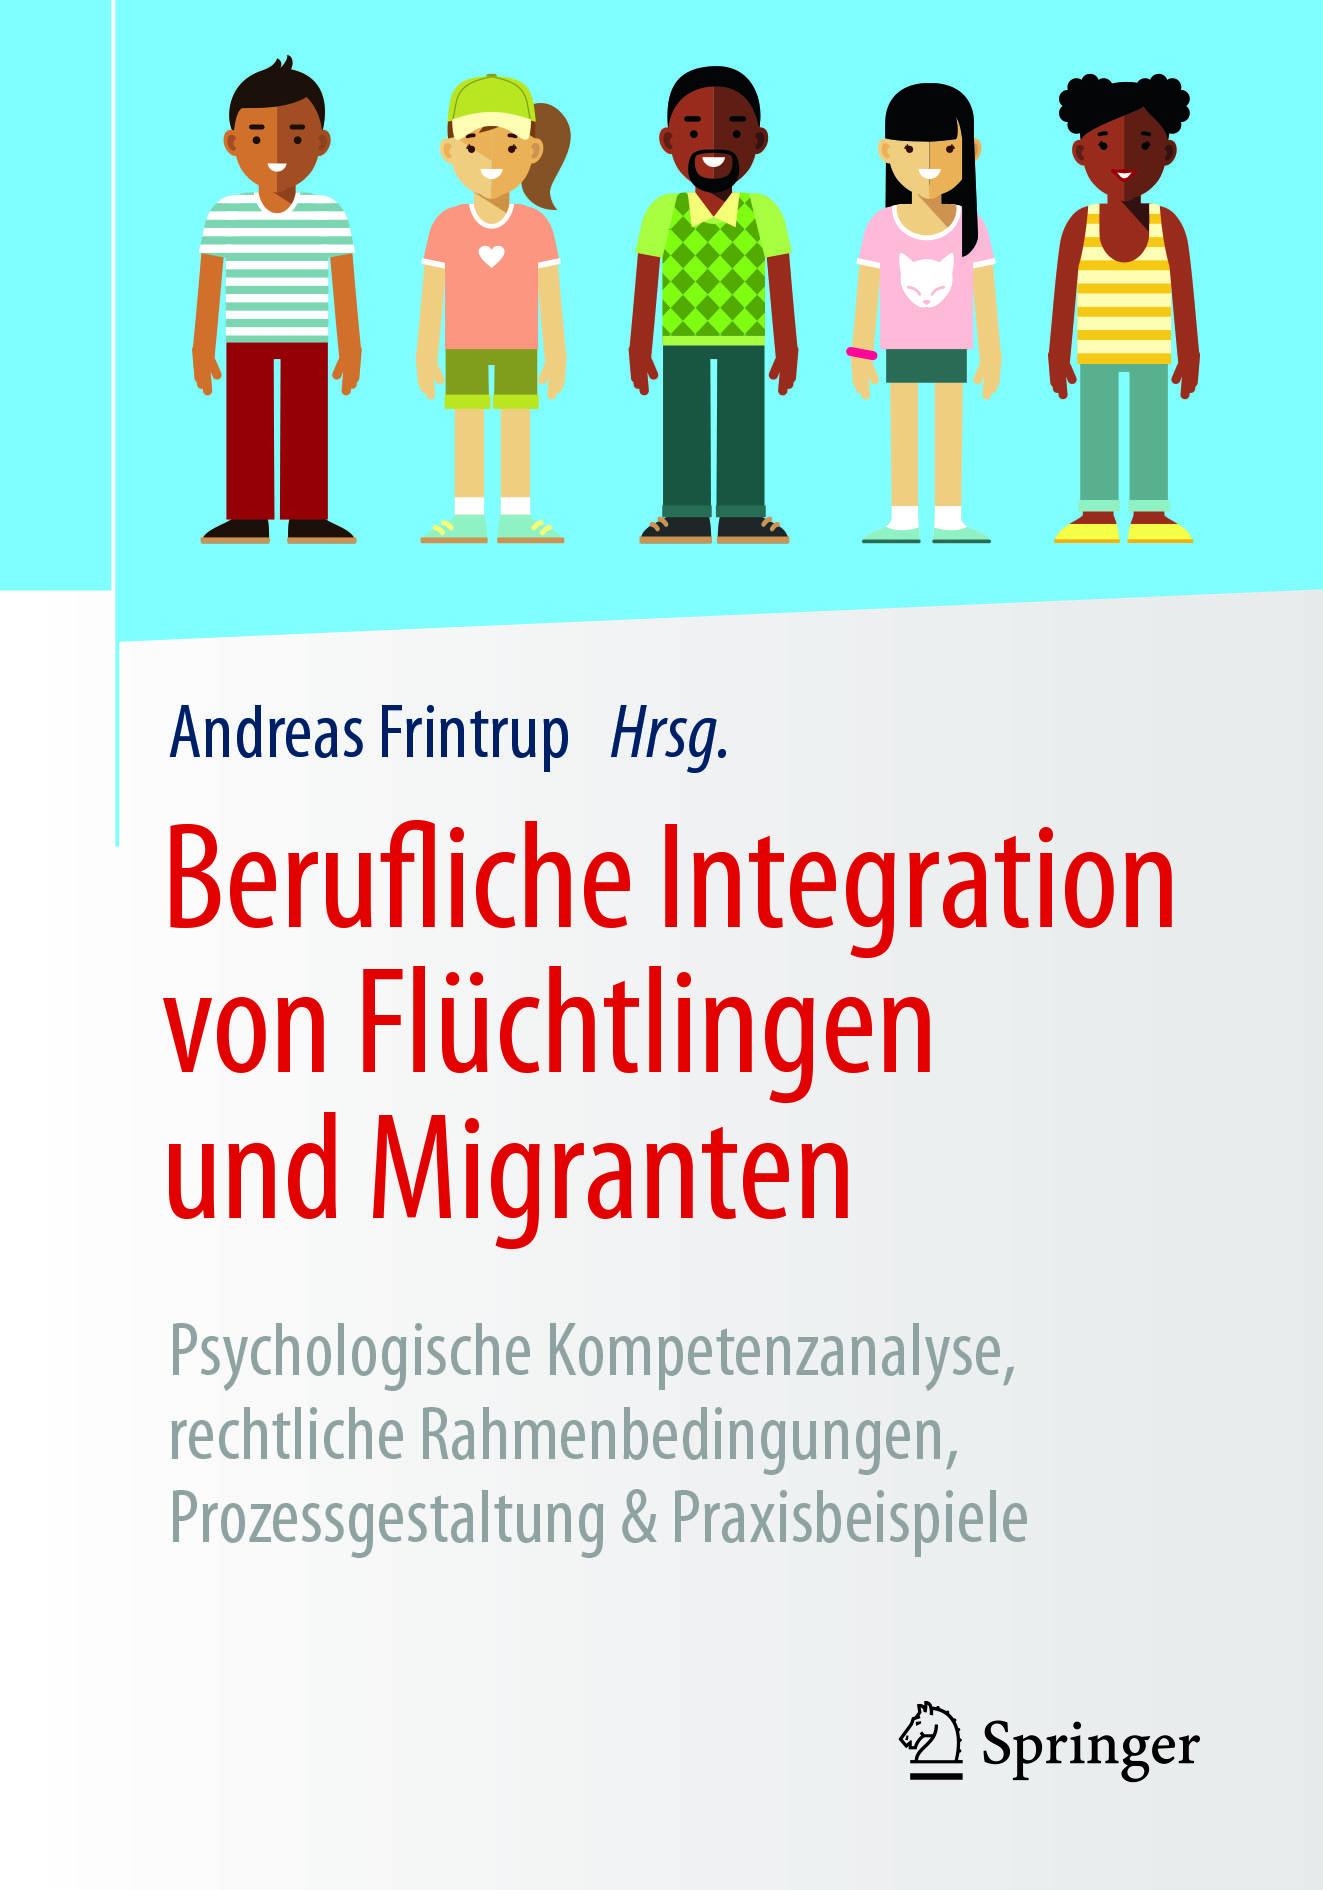 Frintrup, Andreas - Berufliche Integration von Flüchtlingen und Migranten, ebook